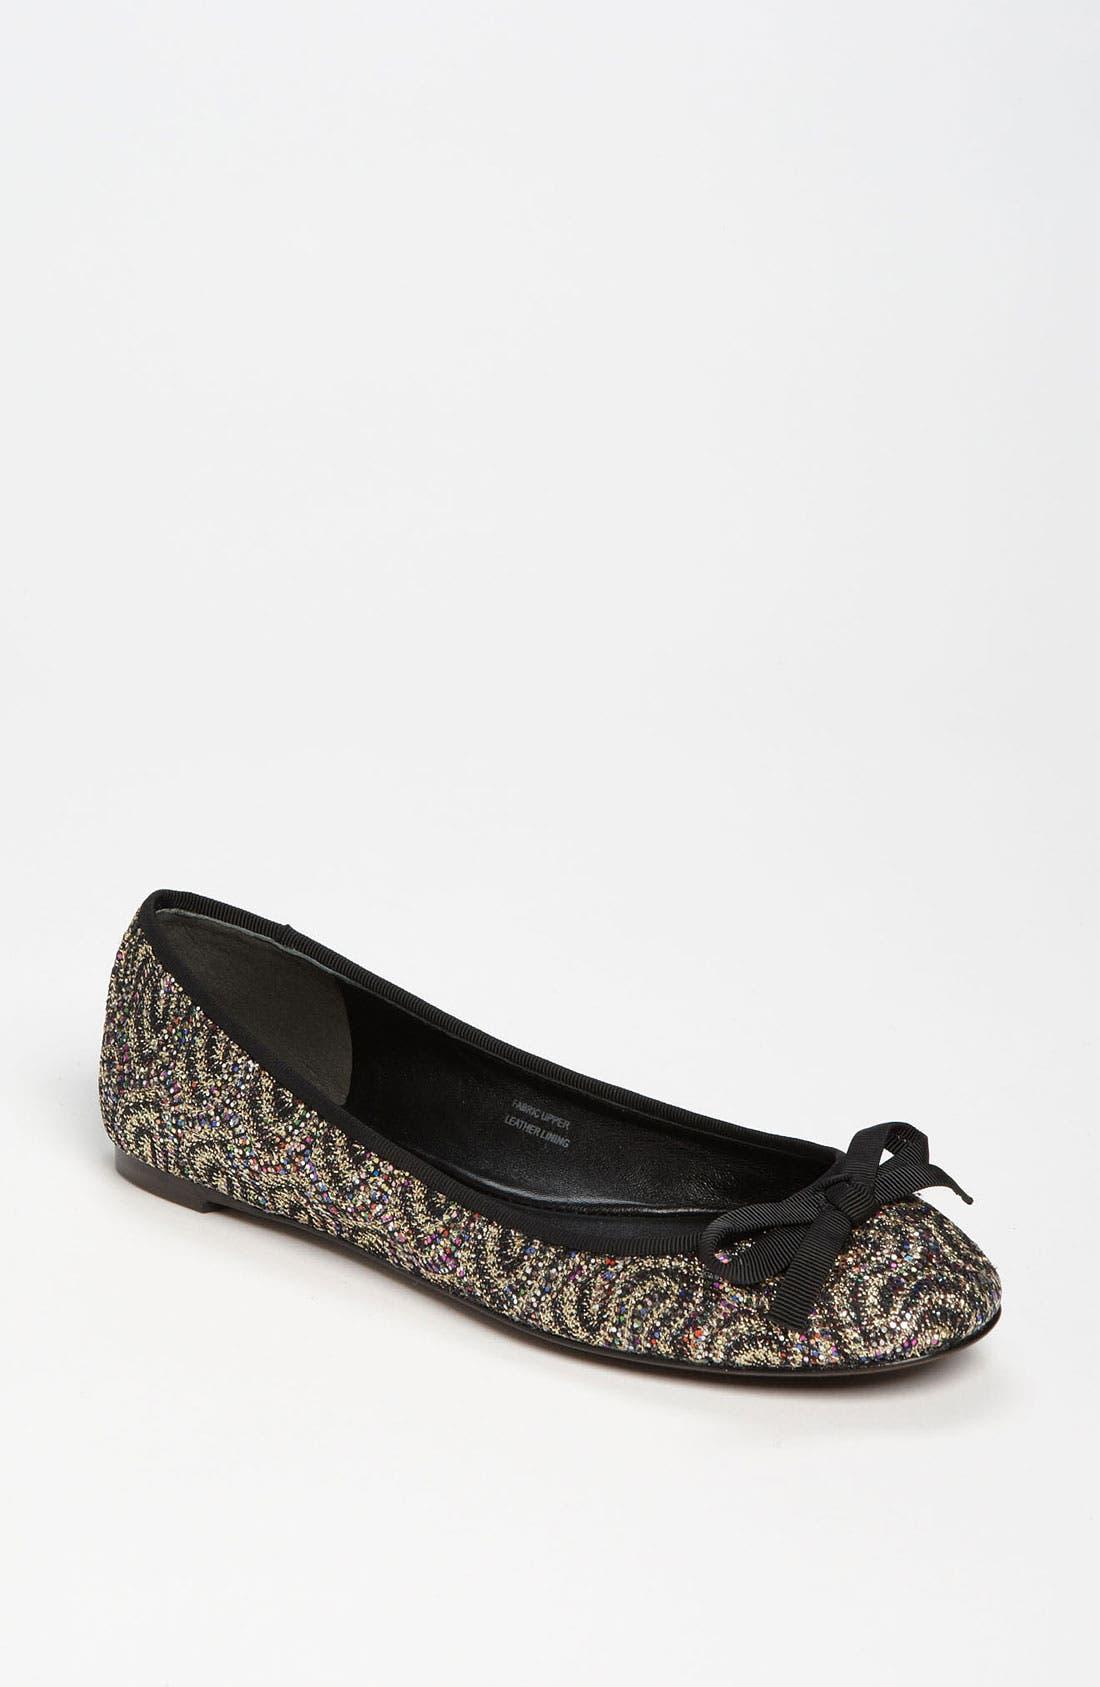 Alternate Image 1 Selected - Vera Wang Footwear 'Laetitia' Flat